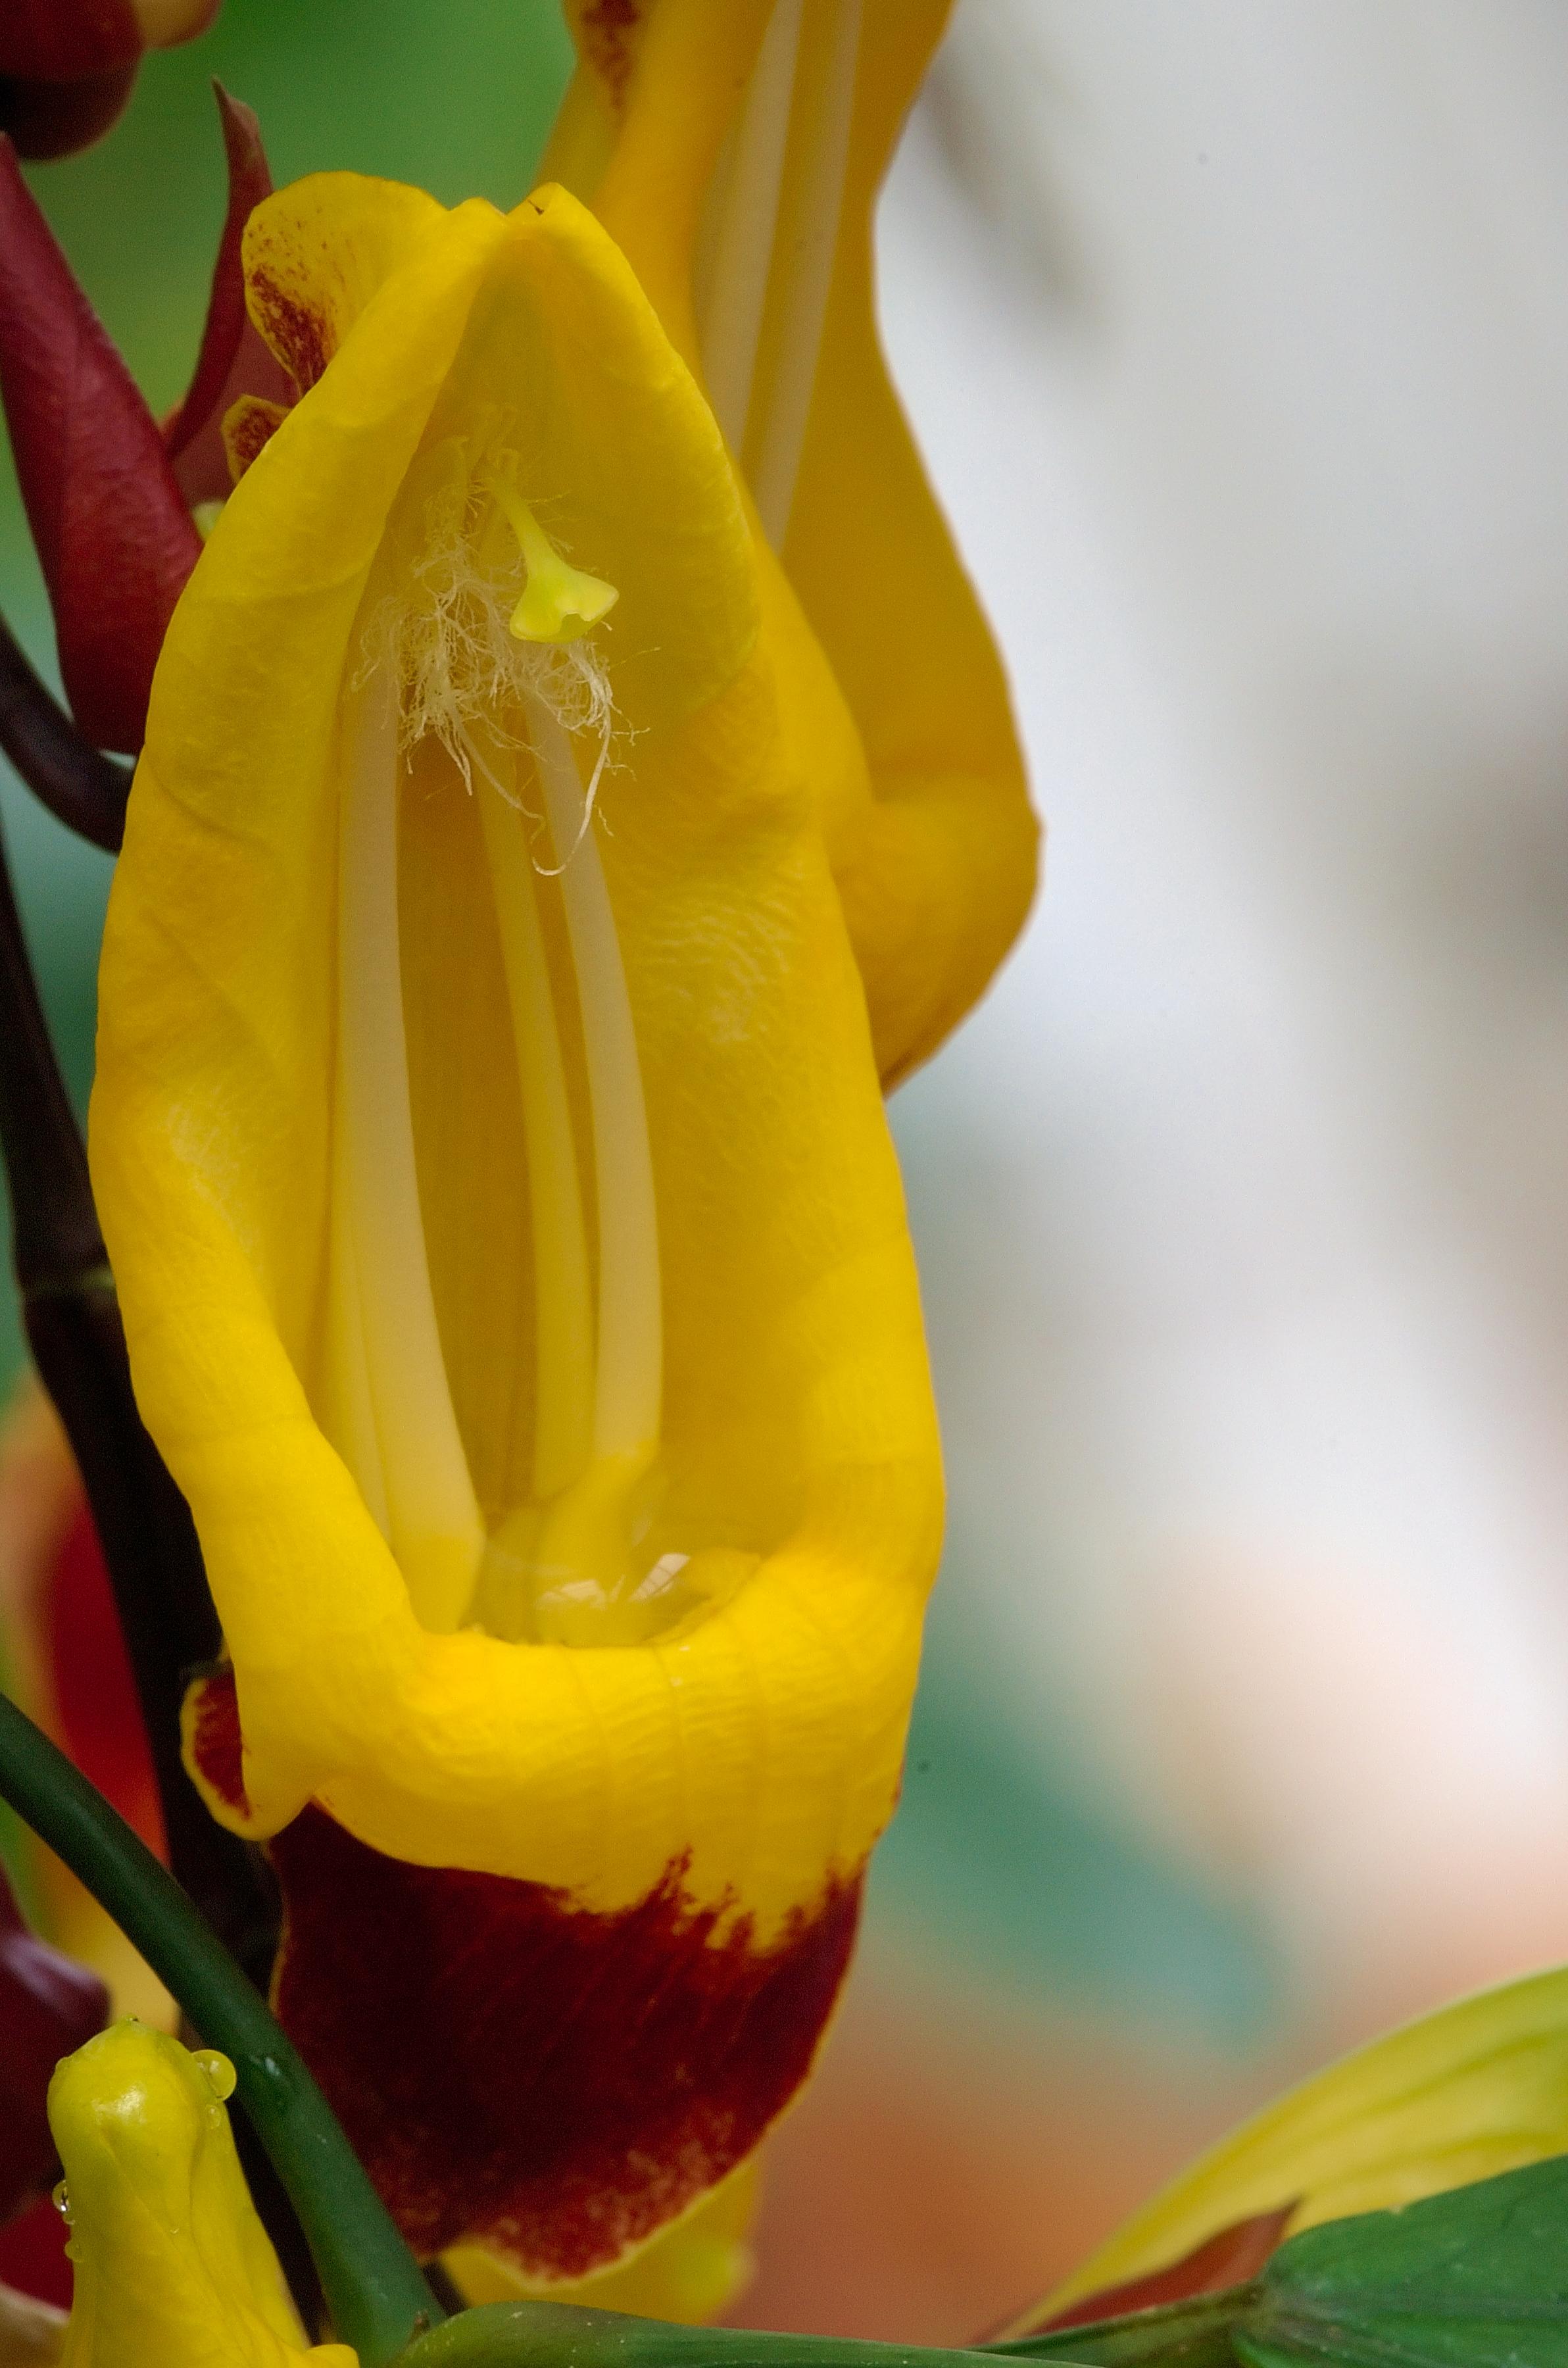 File:Thunbergia Mysorensis Luc Viatour.jpg - Wikimedia Commons